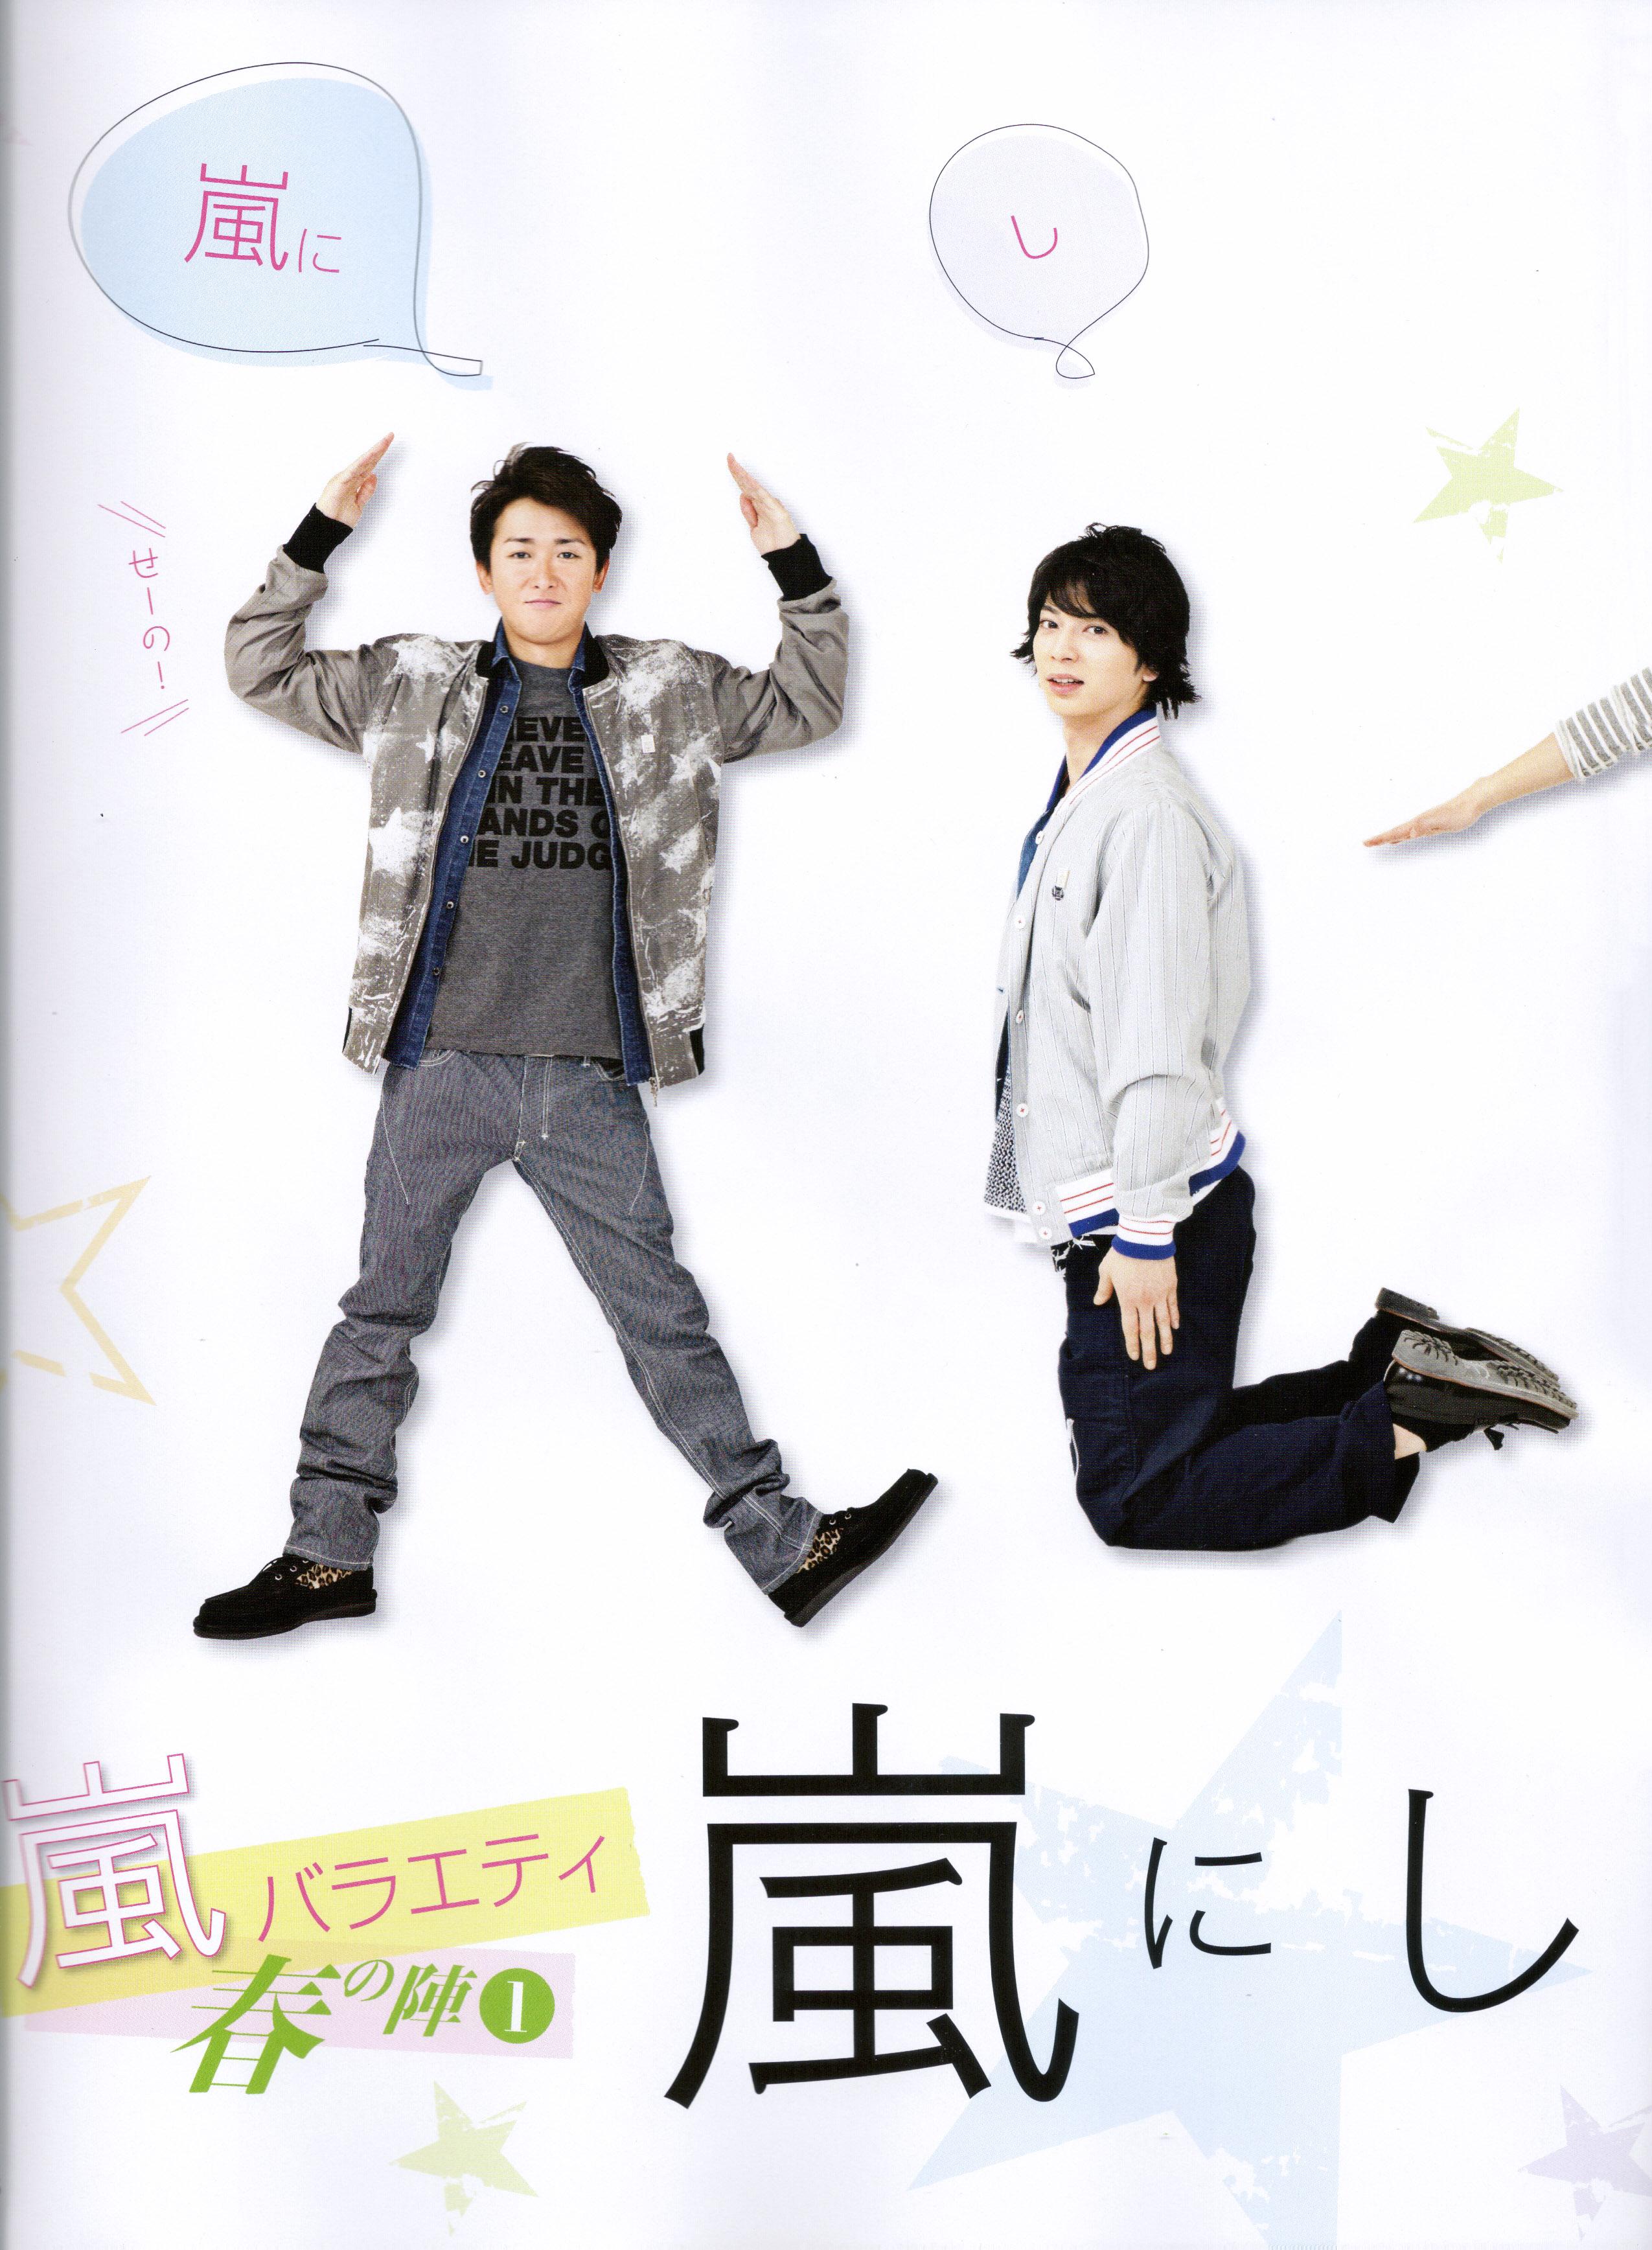 2012 03 21 TV LIFE Premium :: ARASHI